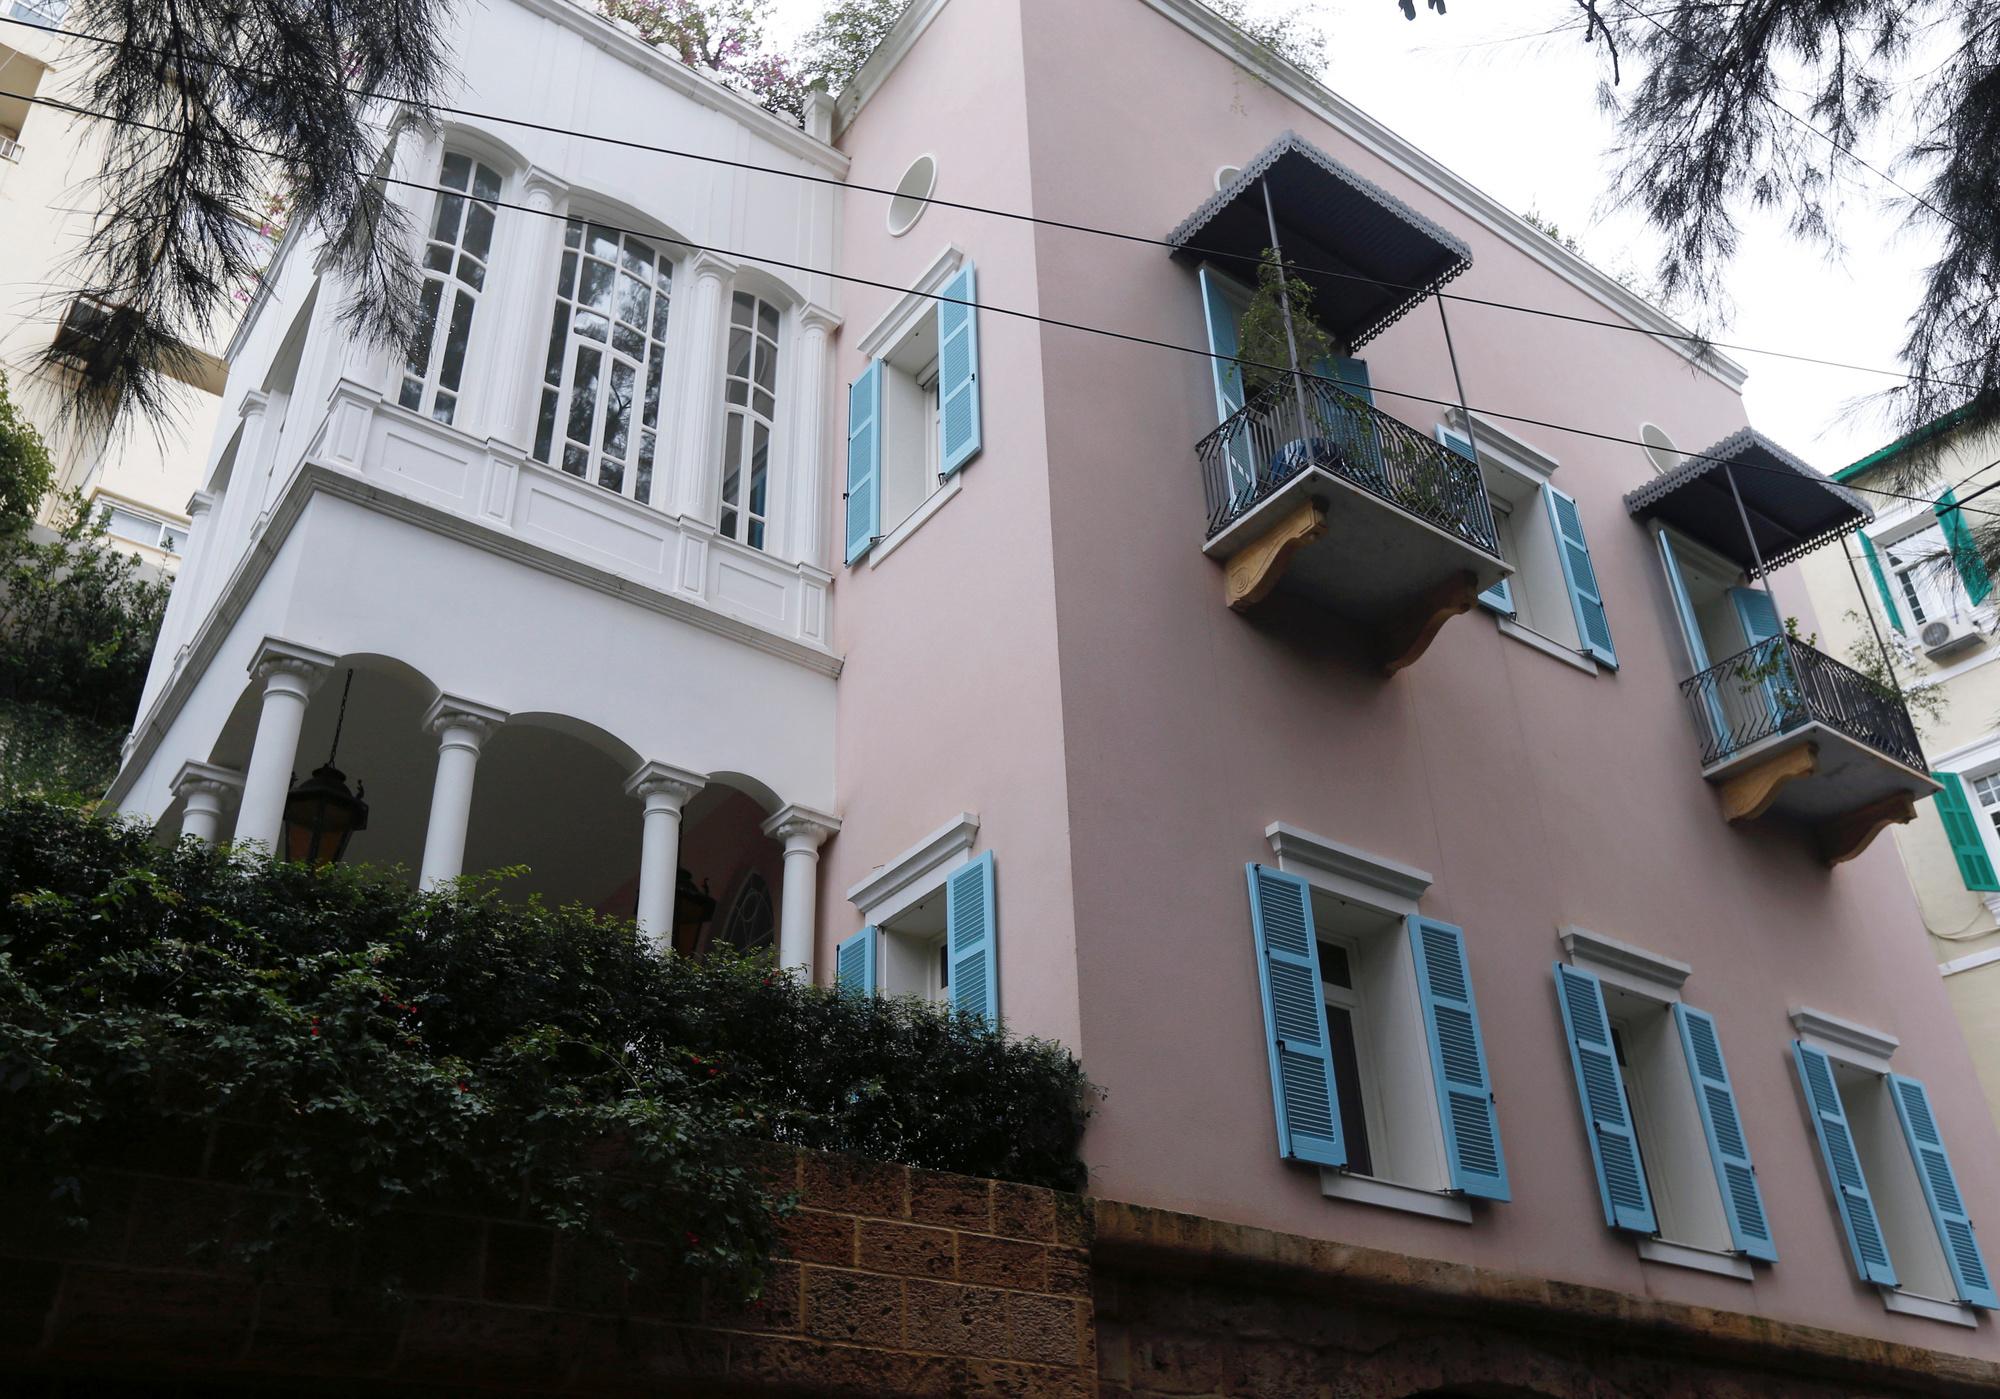 La maison supposée de Ghosn à Beyrouth, au Liban., reuters